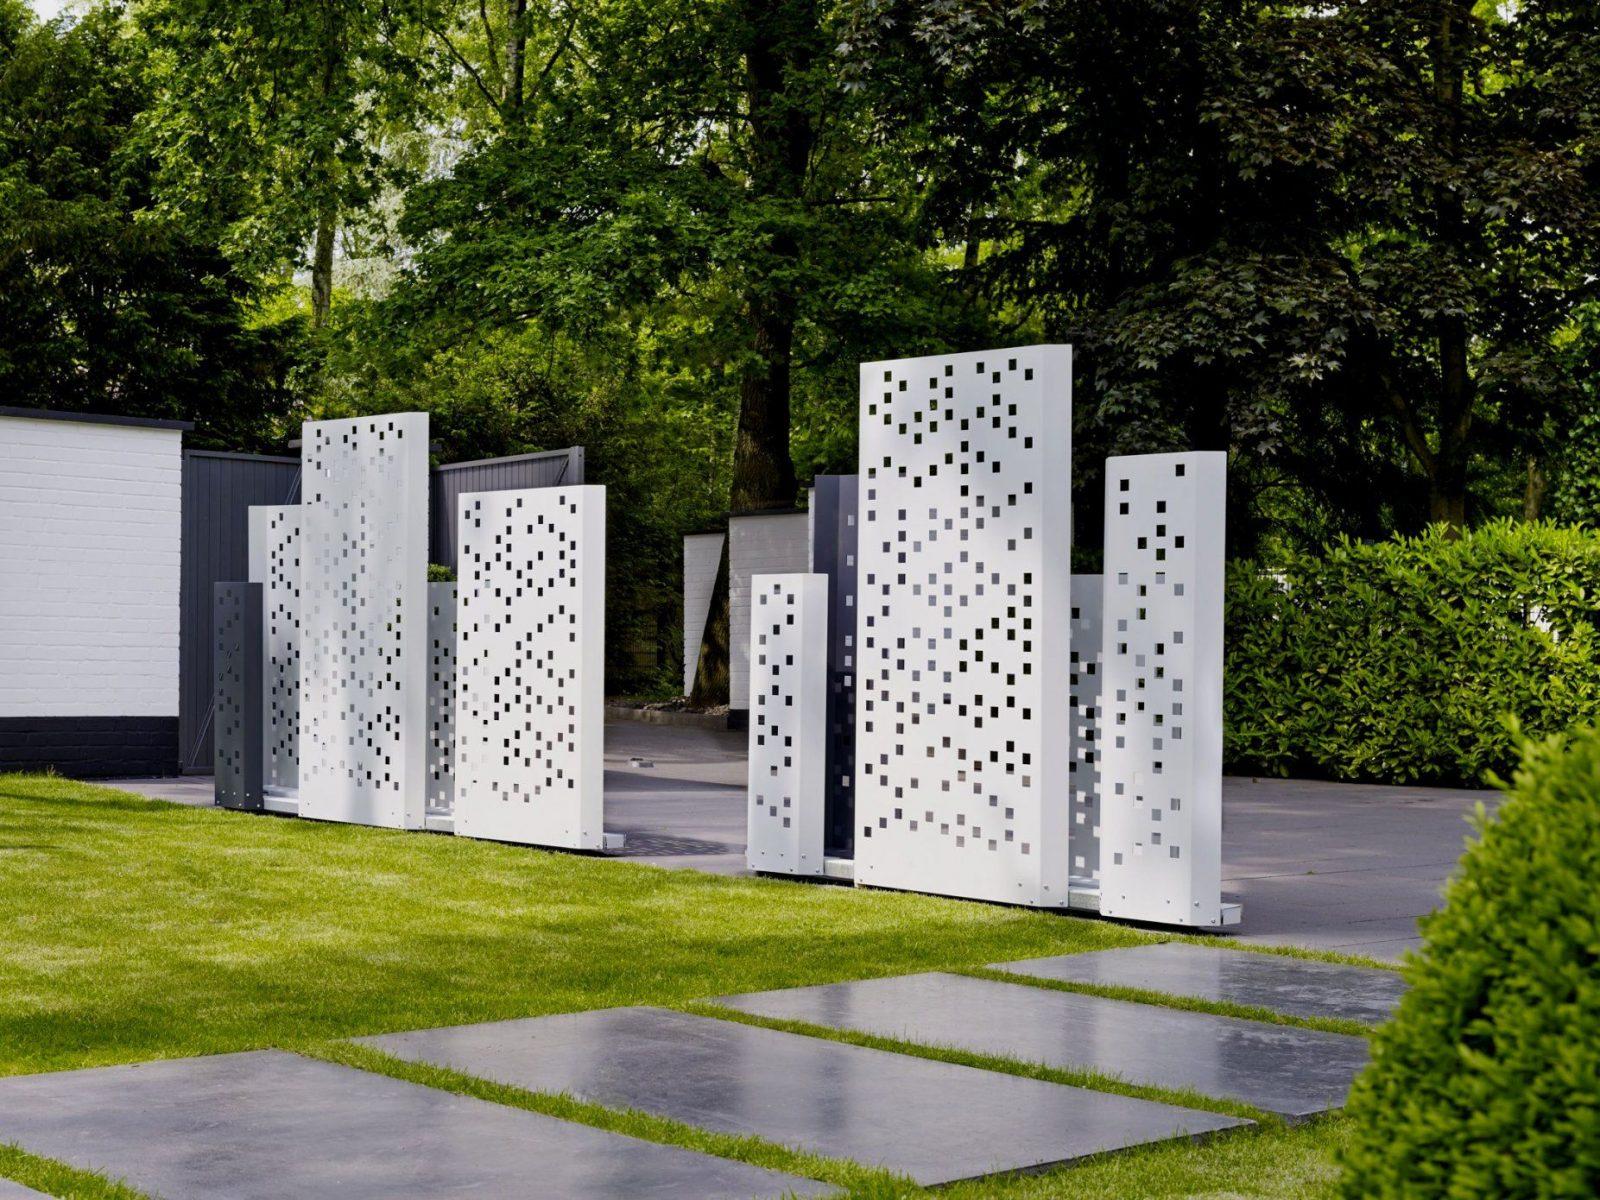 Faszinierend Moderner Sichtschutz Für Garten – Cblonline von Moderner Sichtschutz Für Den Garten Bild